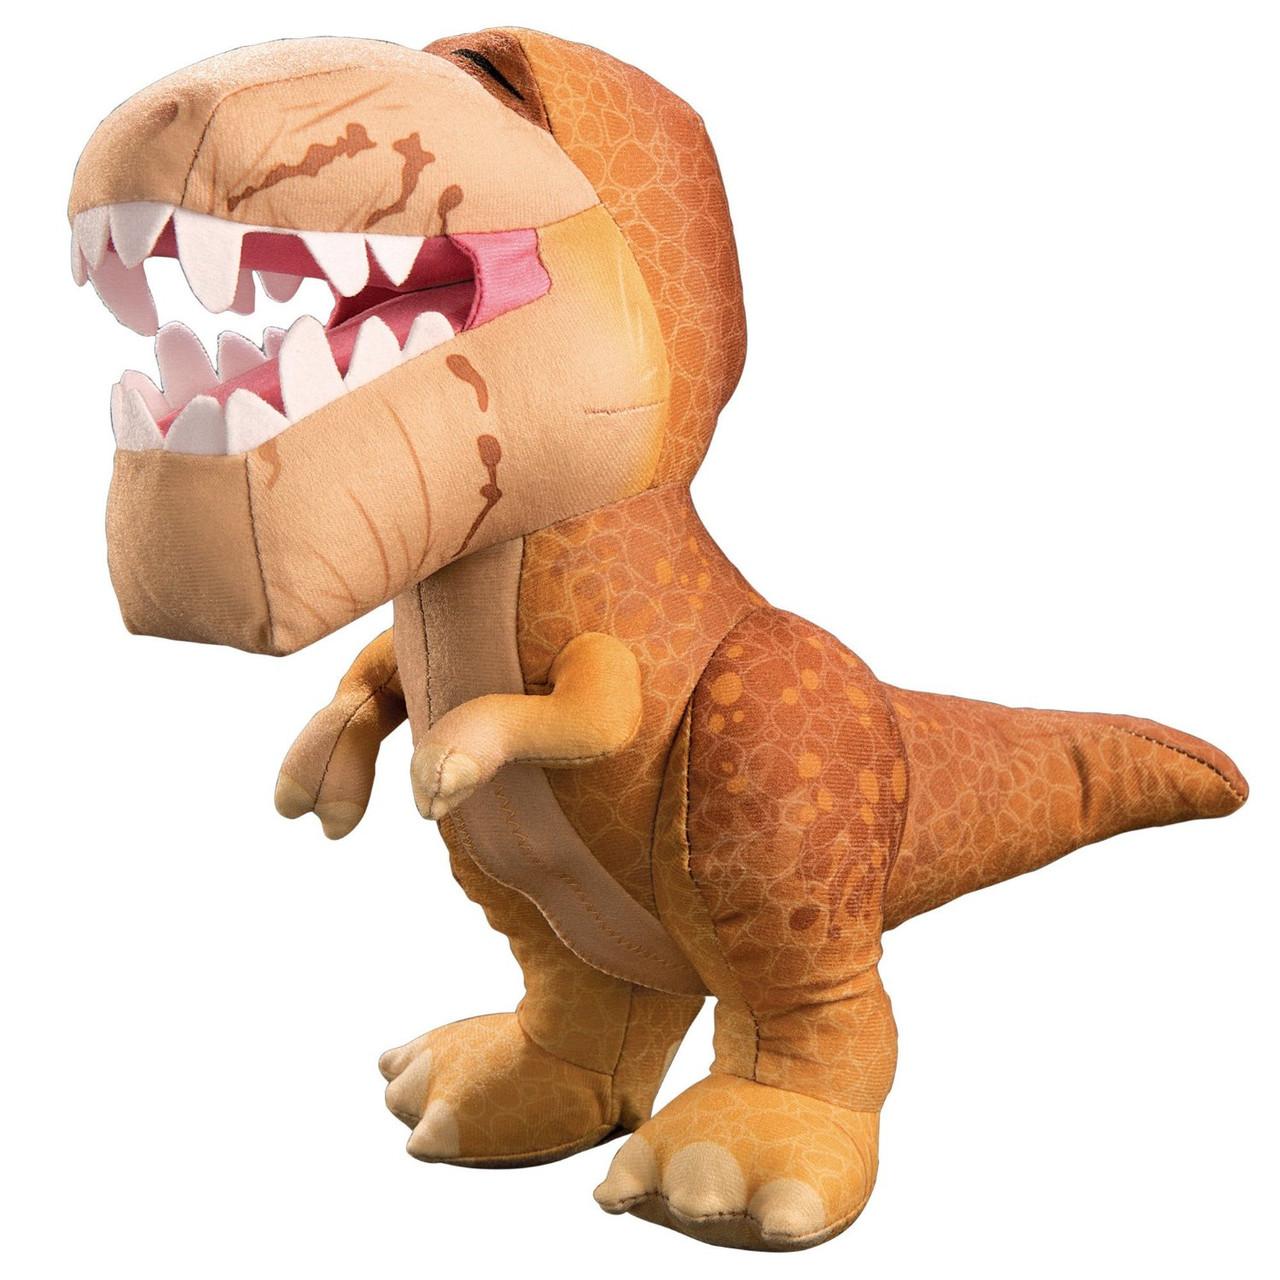 Буч тиранозавр Рекс говорящая мягкая игрушка из м/ф Хороший динозавр / The Good Dinosaur Talking Plush Butch